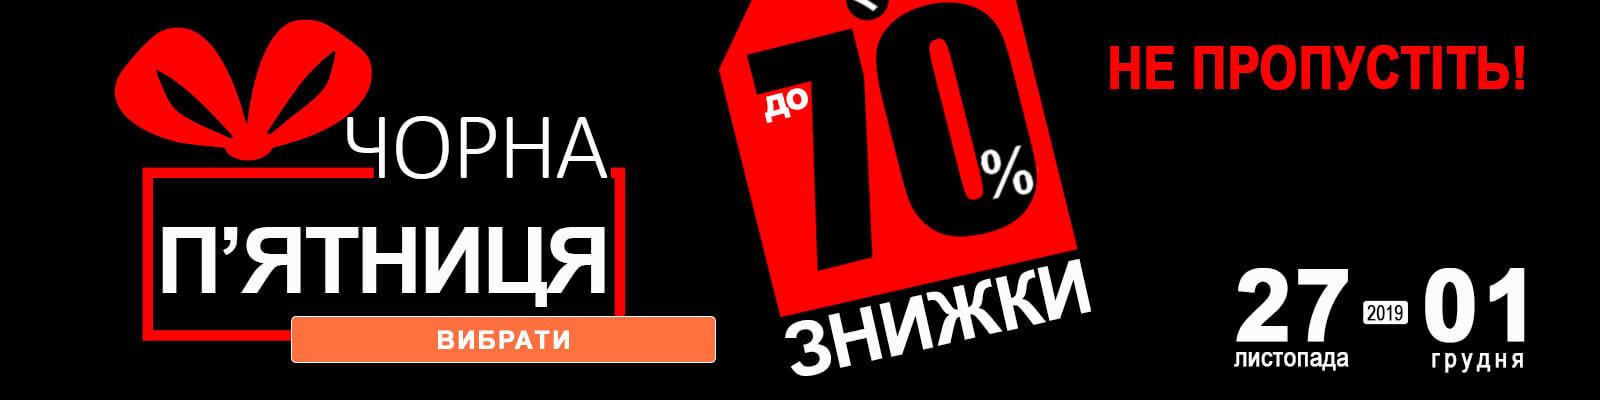 Чорна п'ятниця в СвіссВотч! З 27 листопада по 4 грудня - знижки до 70%!